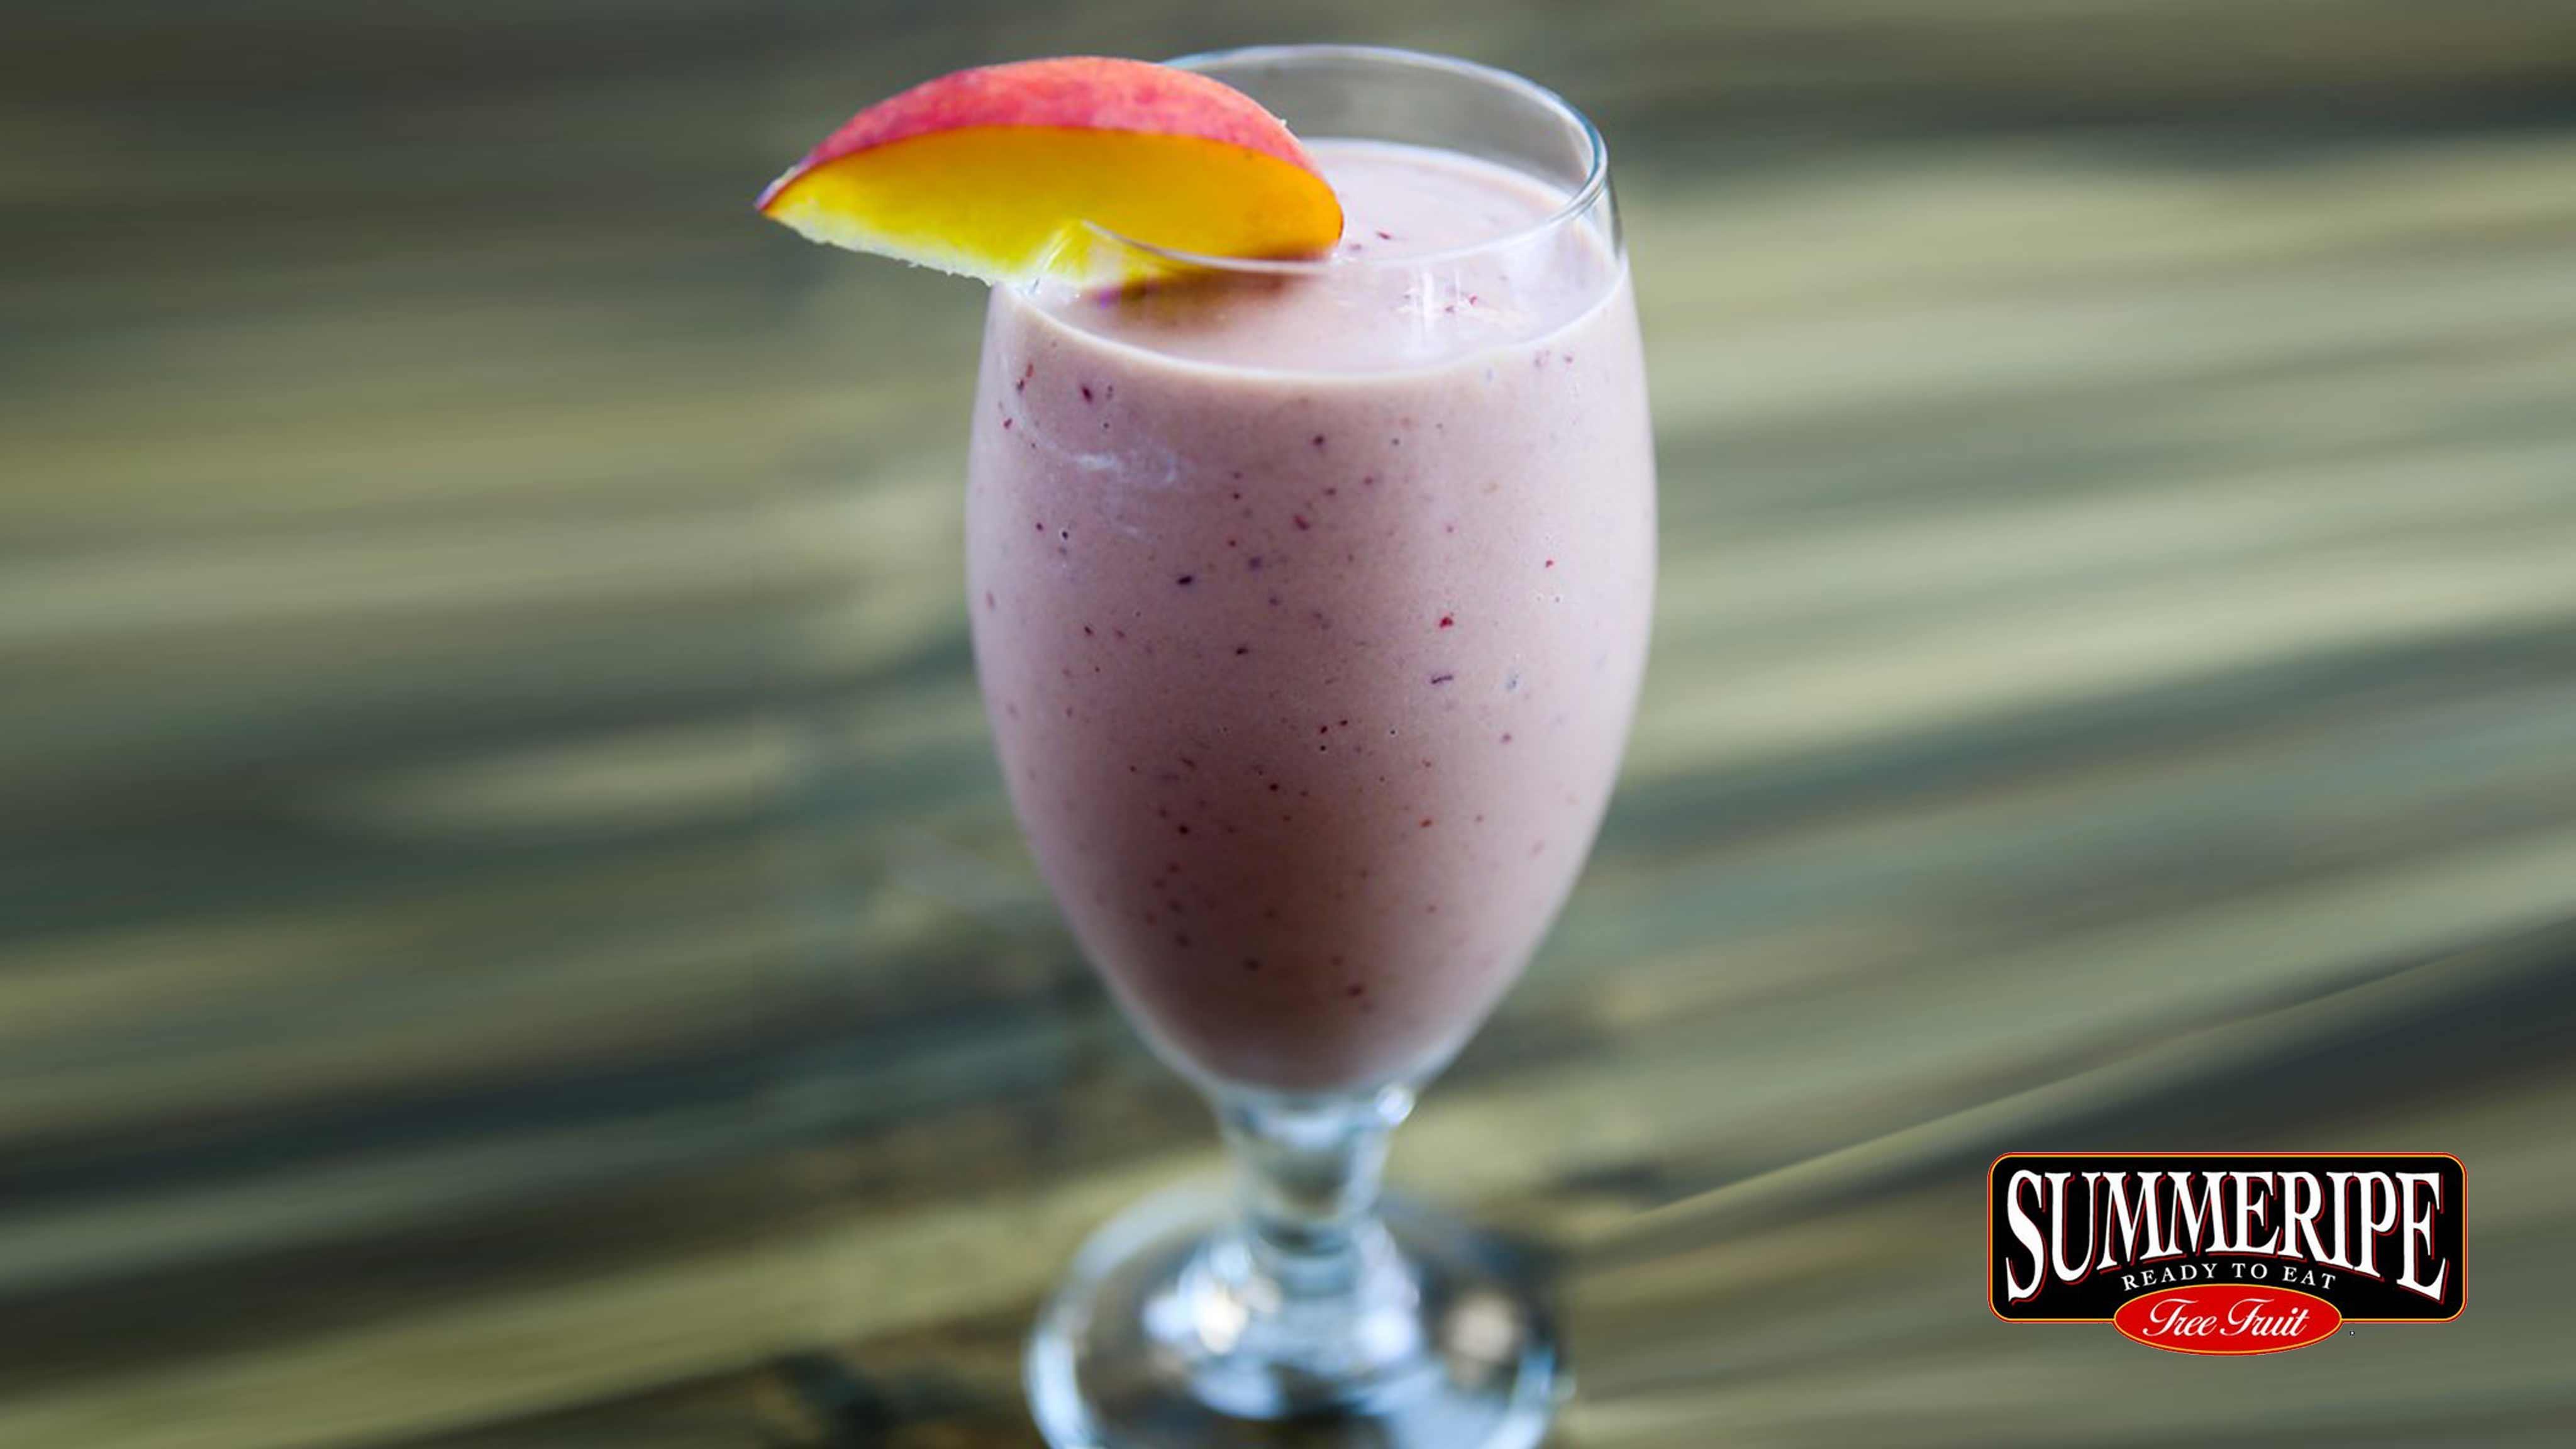 Image for Recipe Summeripe Peach Smoothie